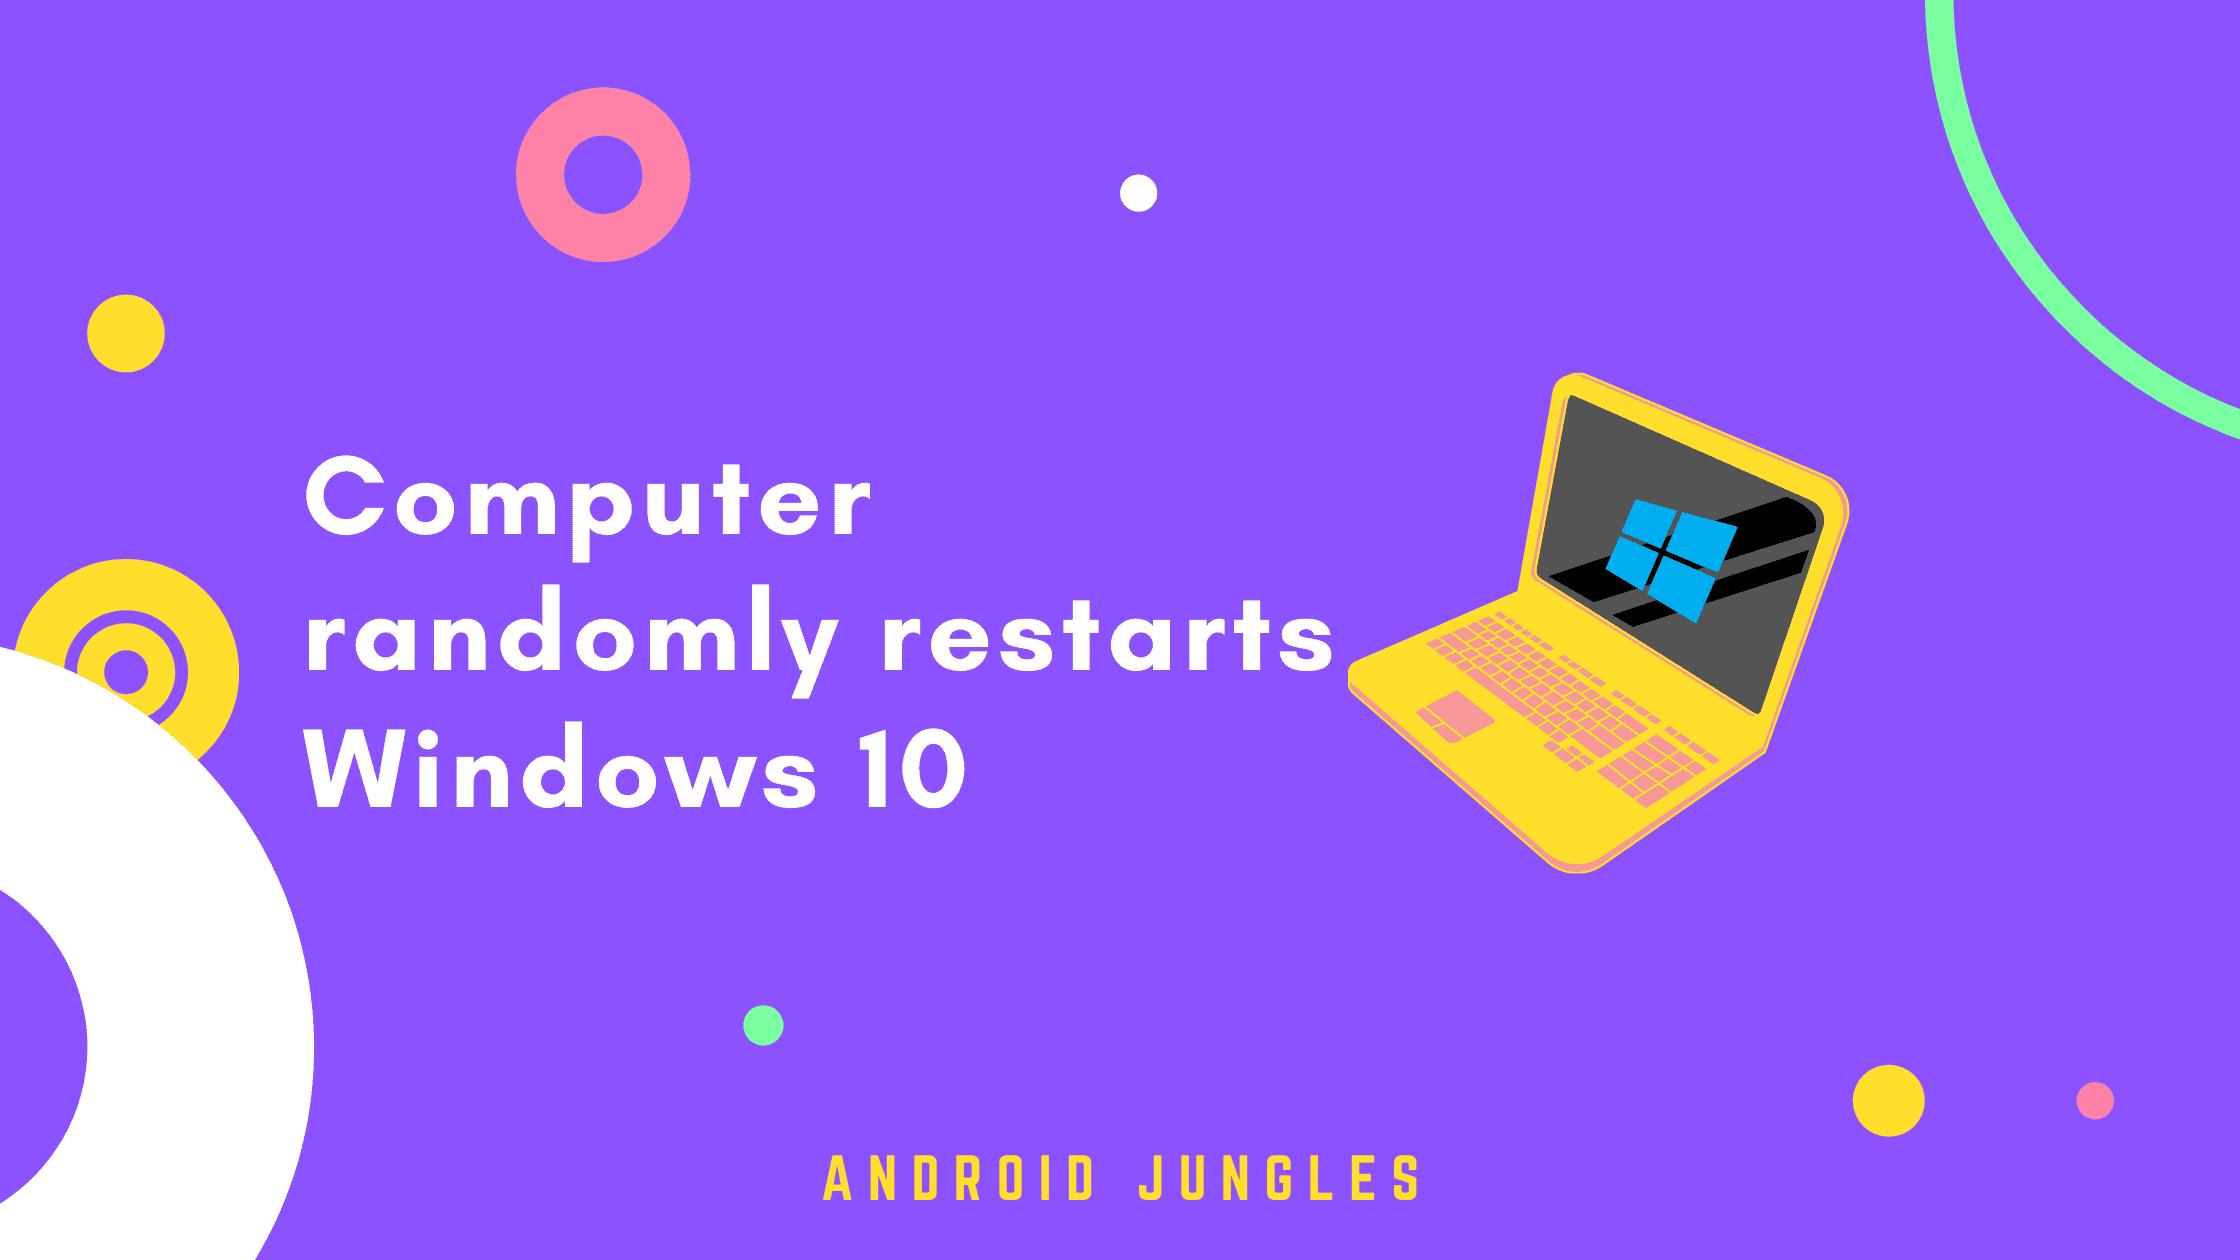 Computer randomly restarts Windows 10